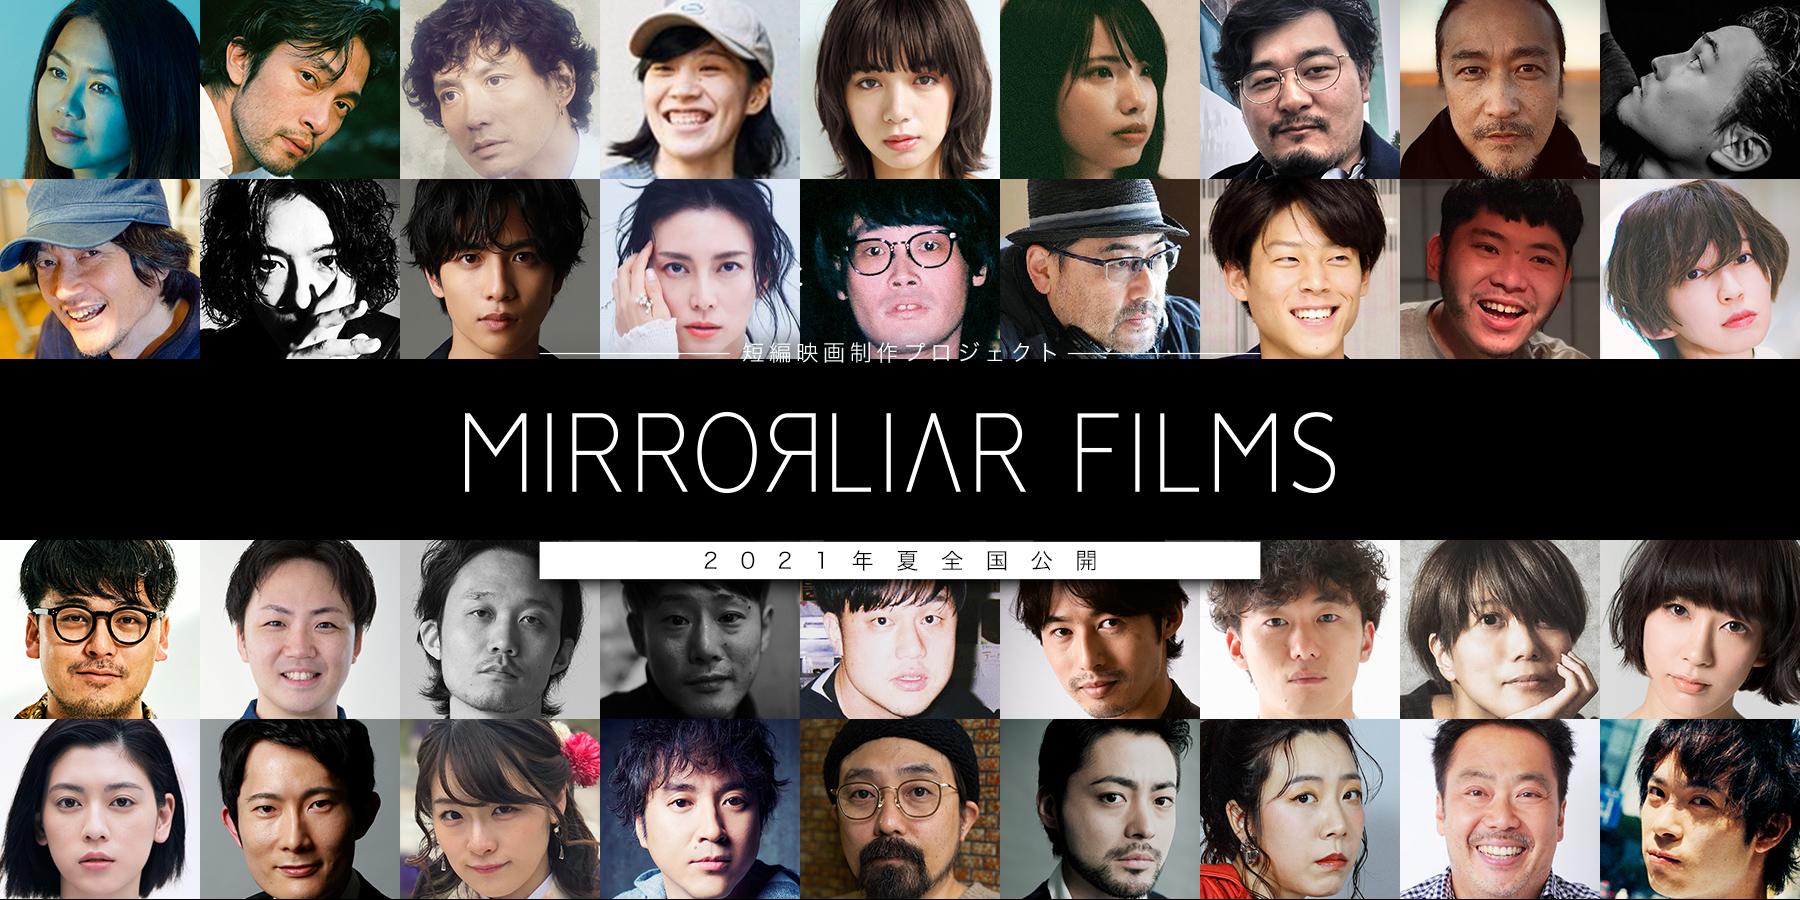 短編映画製作プロジェクト「MIRRORLIAR FILMS」にて、針生悠伺 (P.I.C.S. management)が一般公募クリエイターに選出。